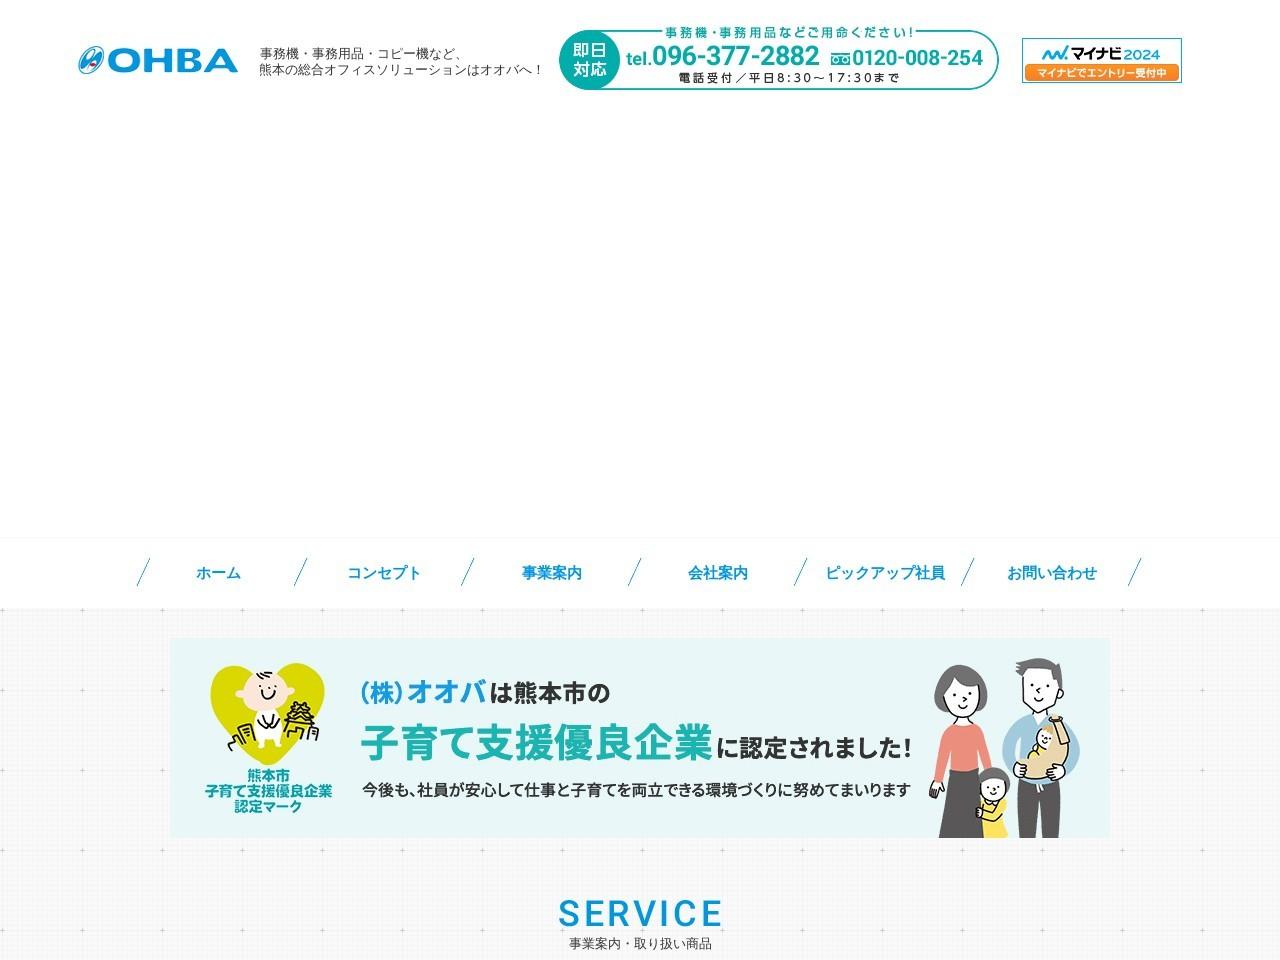 株式会社オオバ 熊本で事務機・事務用品・コピー機などを扱う総合オフィスソリューション